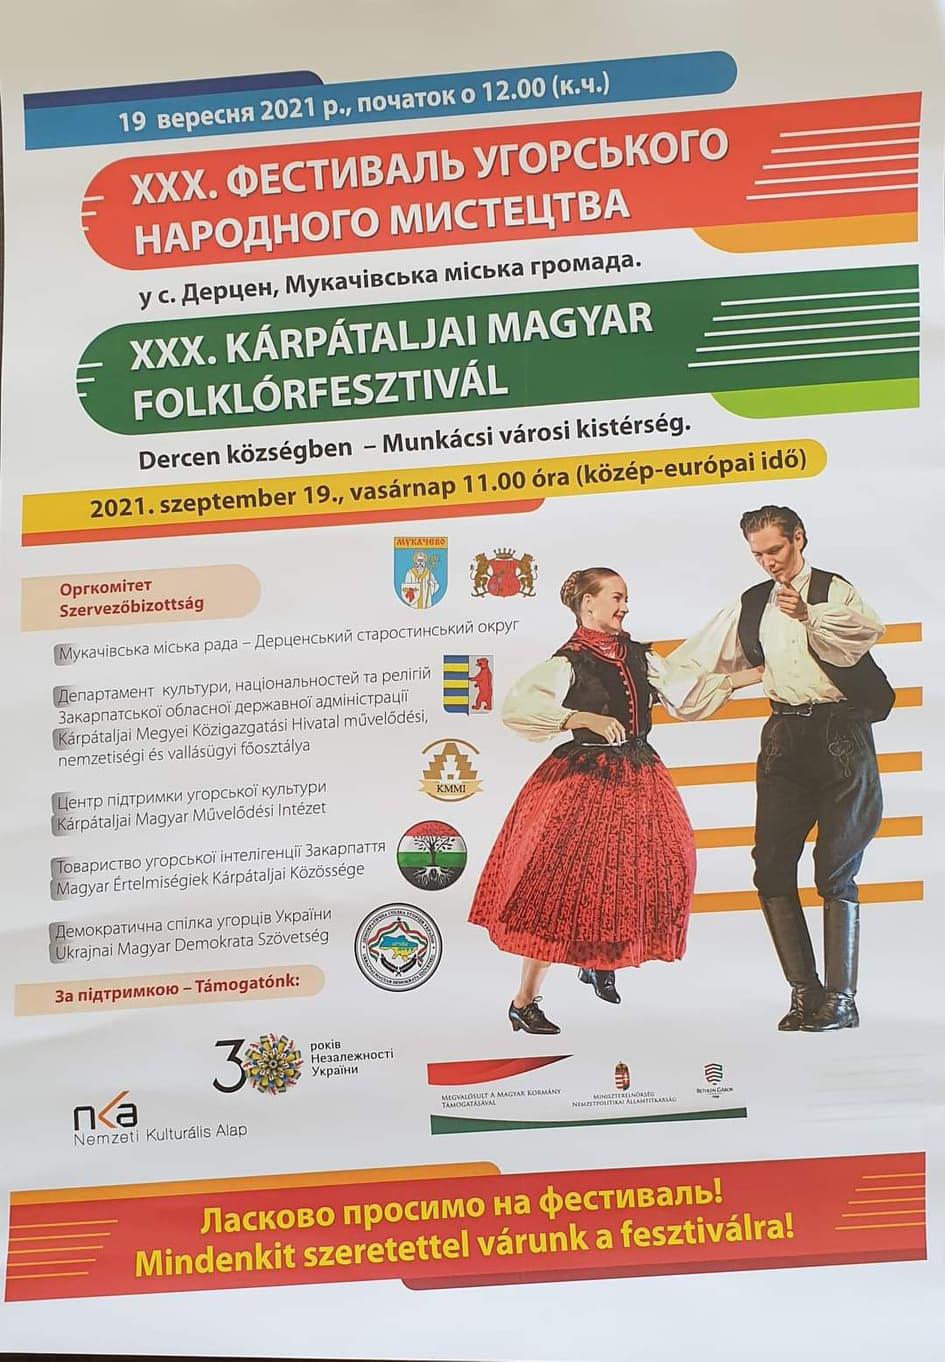 19 вересня 12:00-15:00 в селі Дерцен Мукачівської міської територіальної громади пройде фестиваль угорського народного мистецтва.